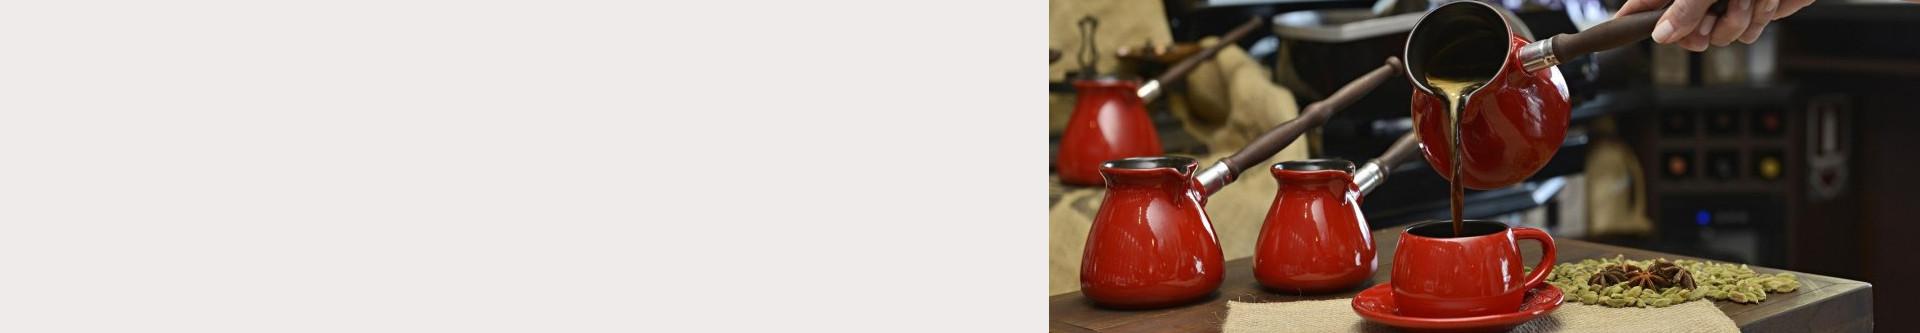 Турки керамические Ceraflame